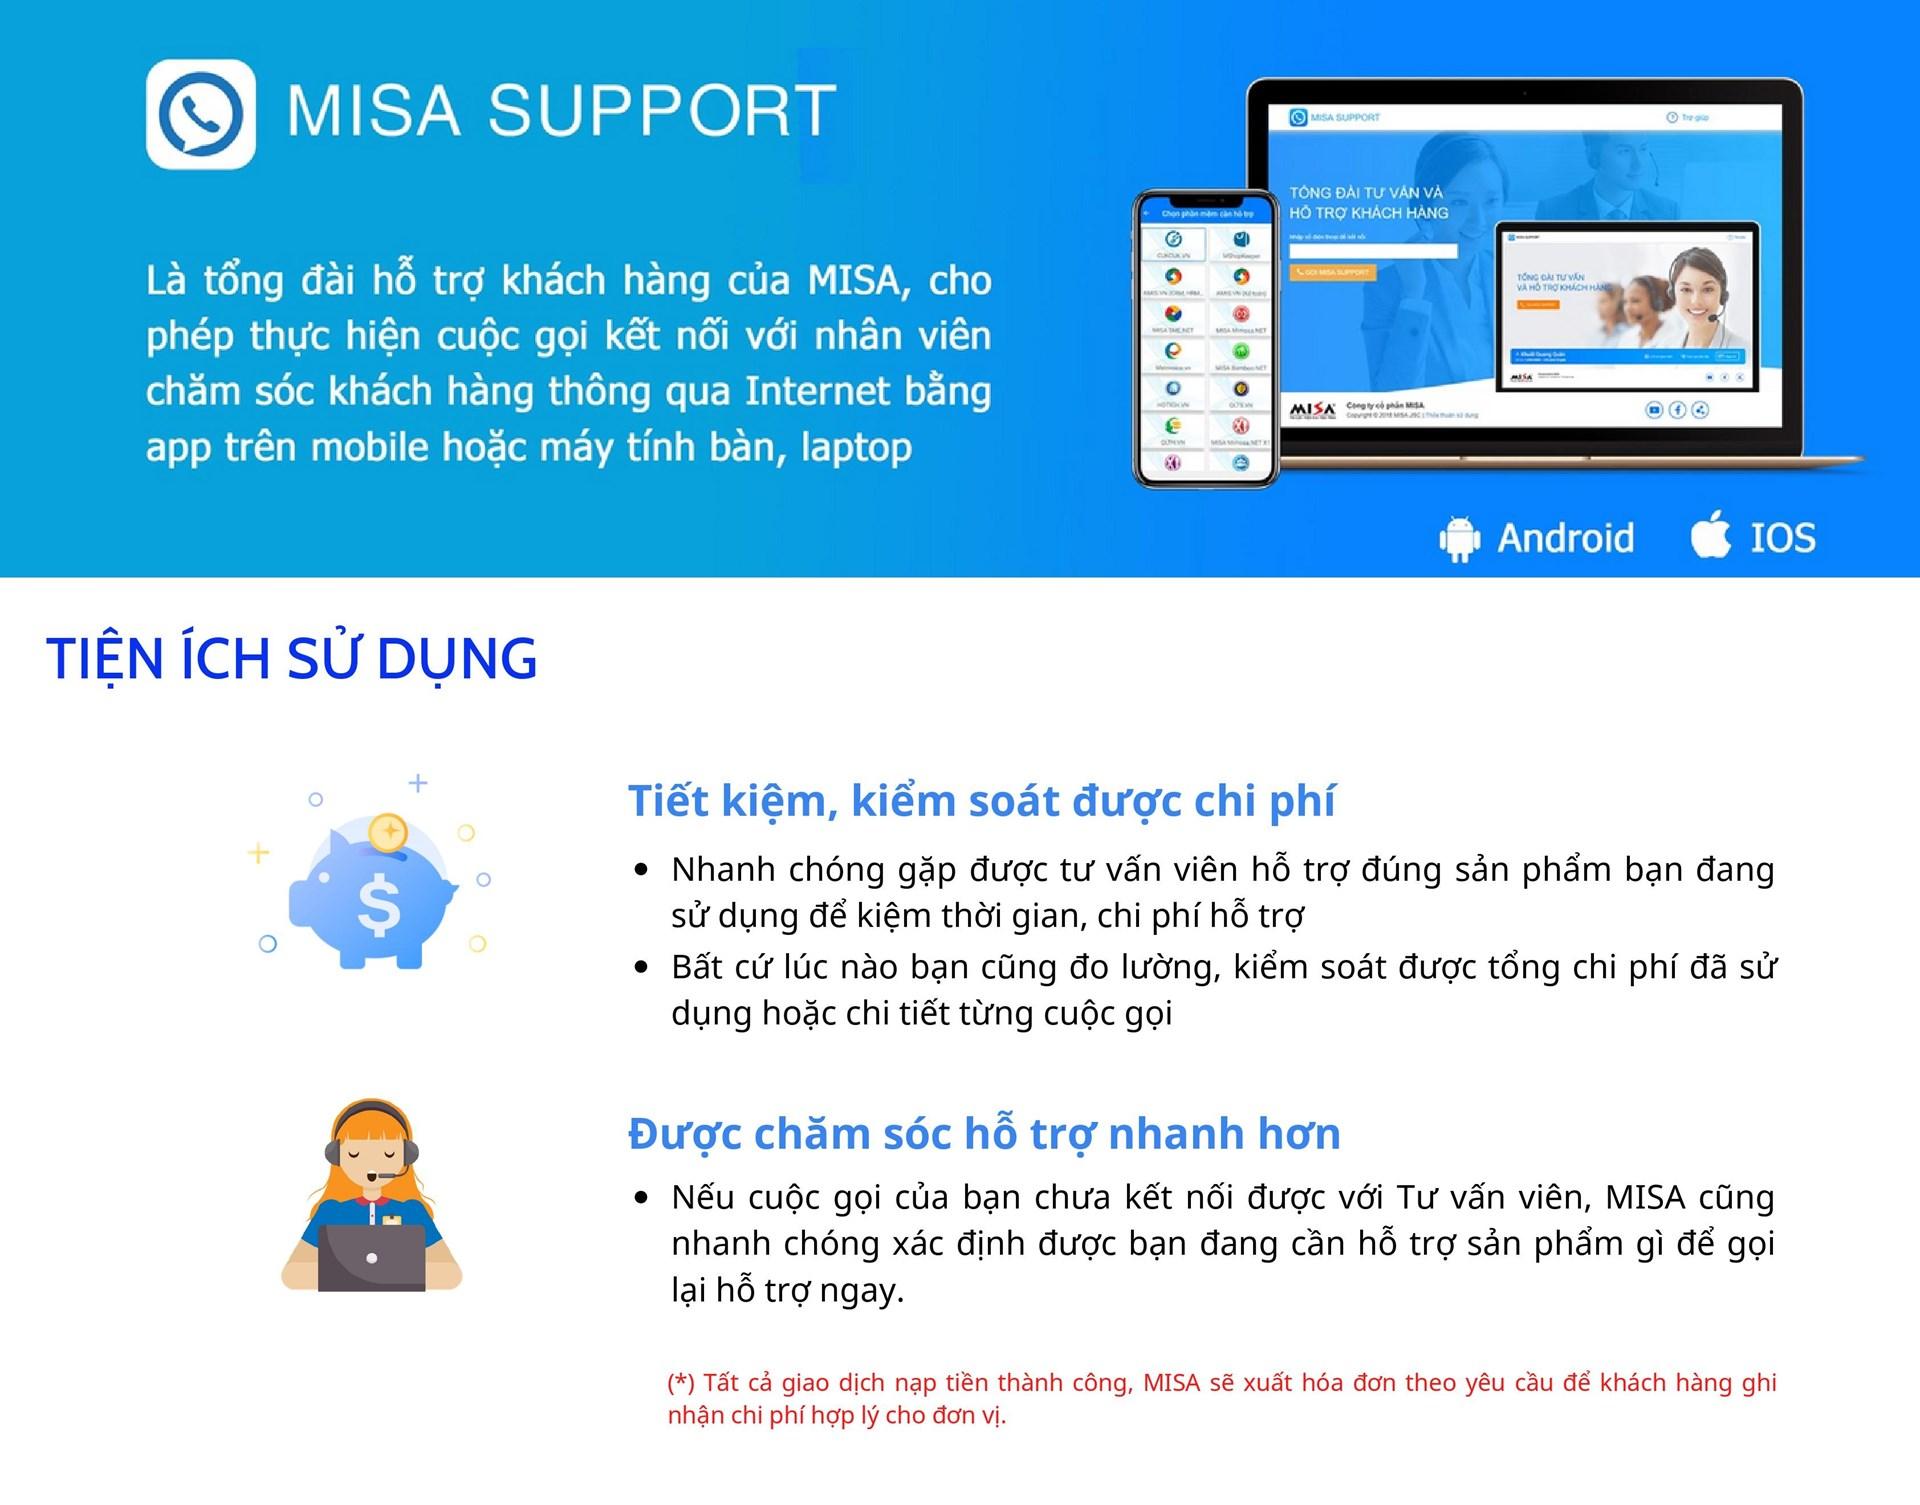 Phần mềm quản lý nhà hàng MISA CukCuk - Sản phẩm công nghệ số 2020